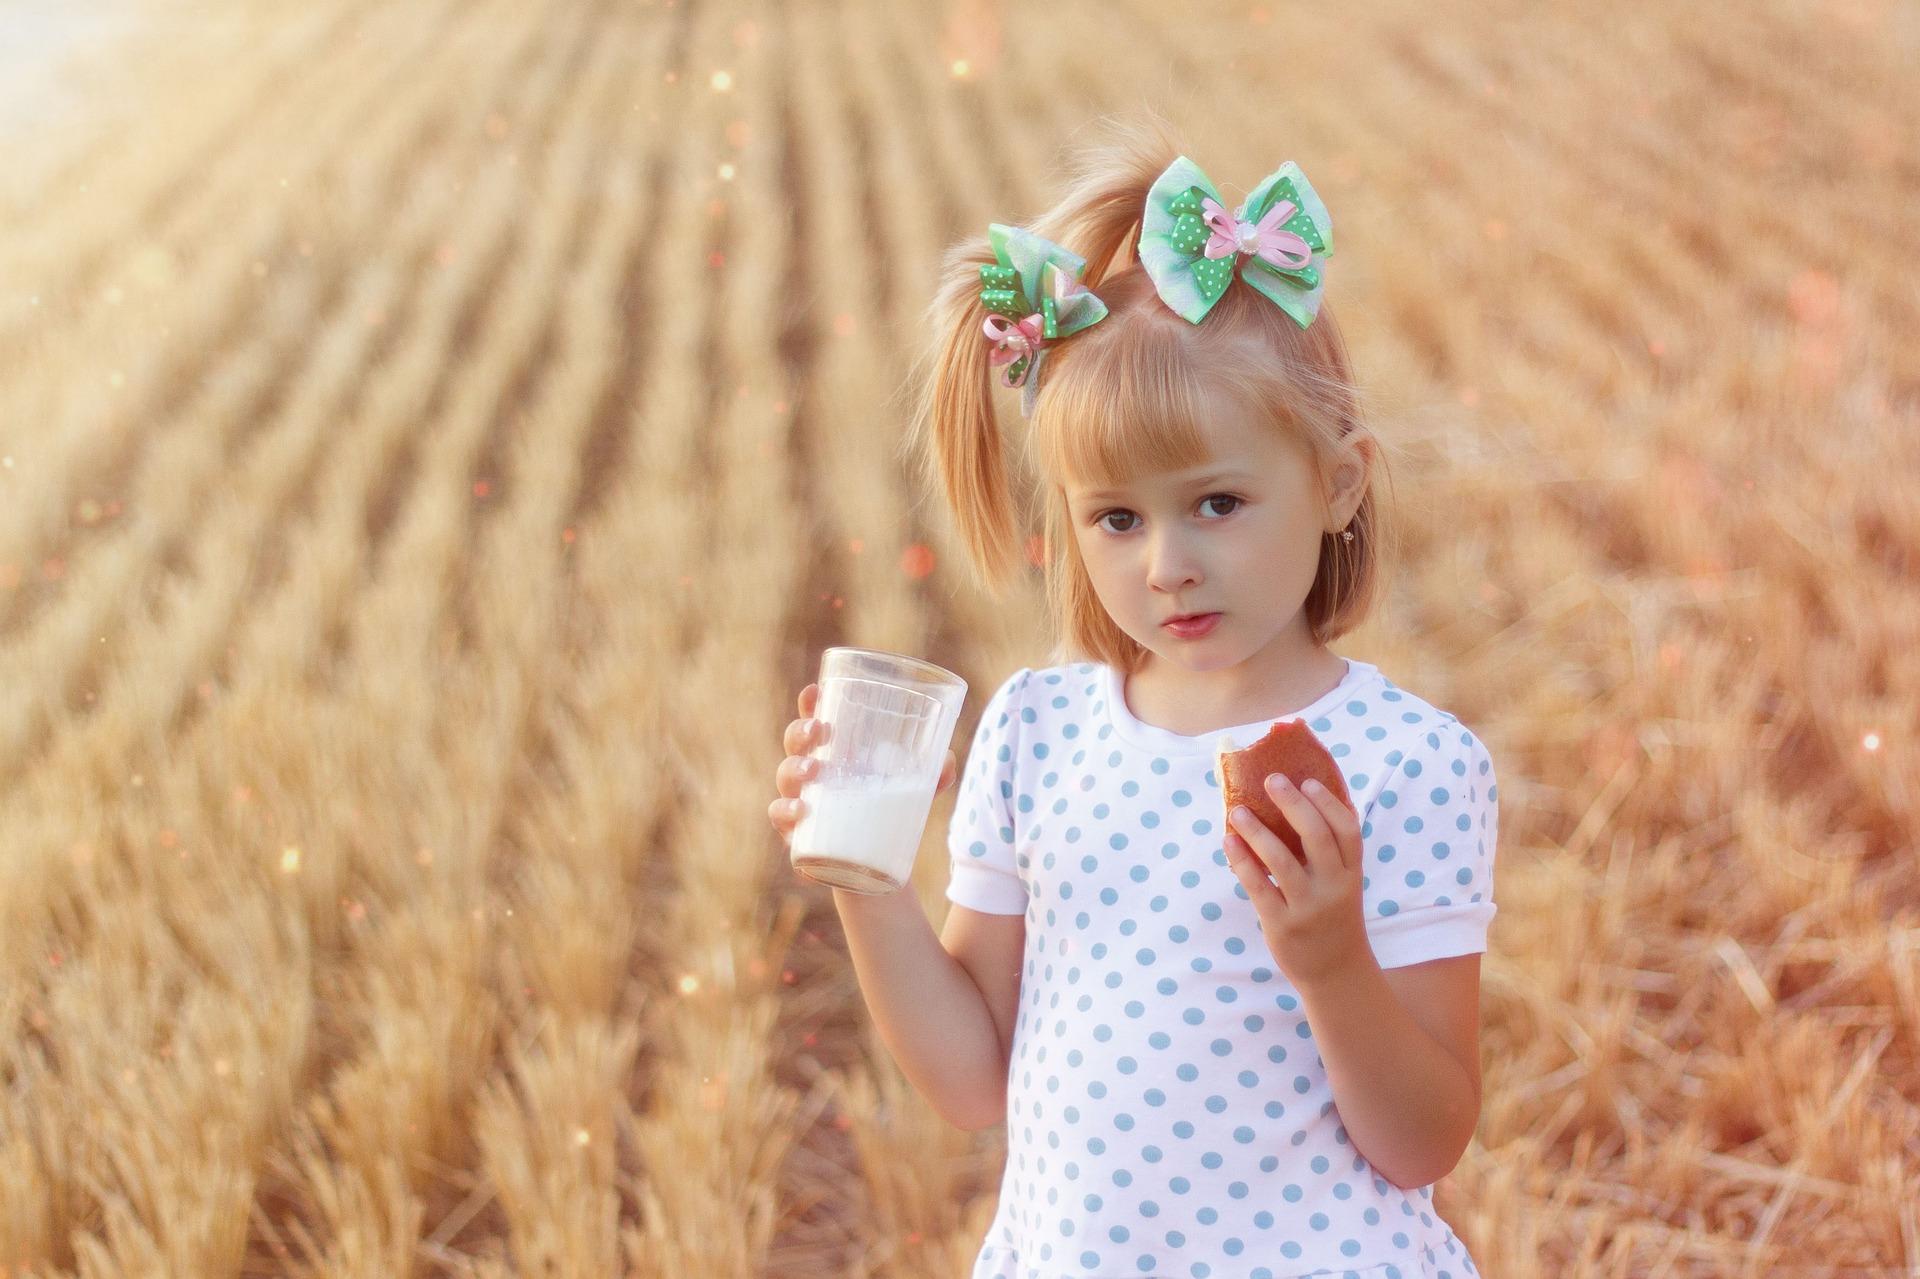 La de proteina intolerancia sintomas a la leche